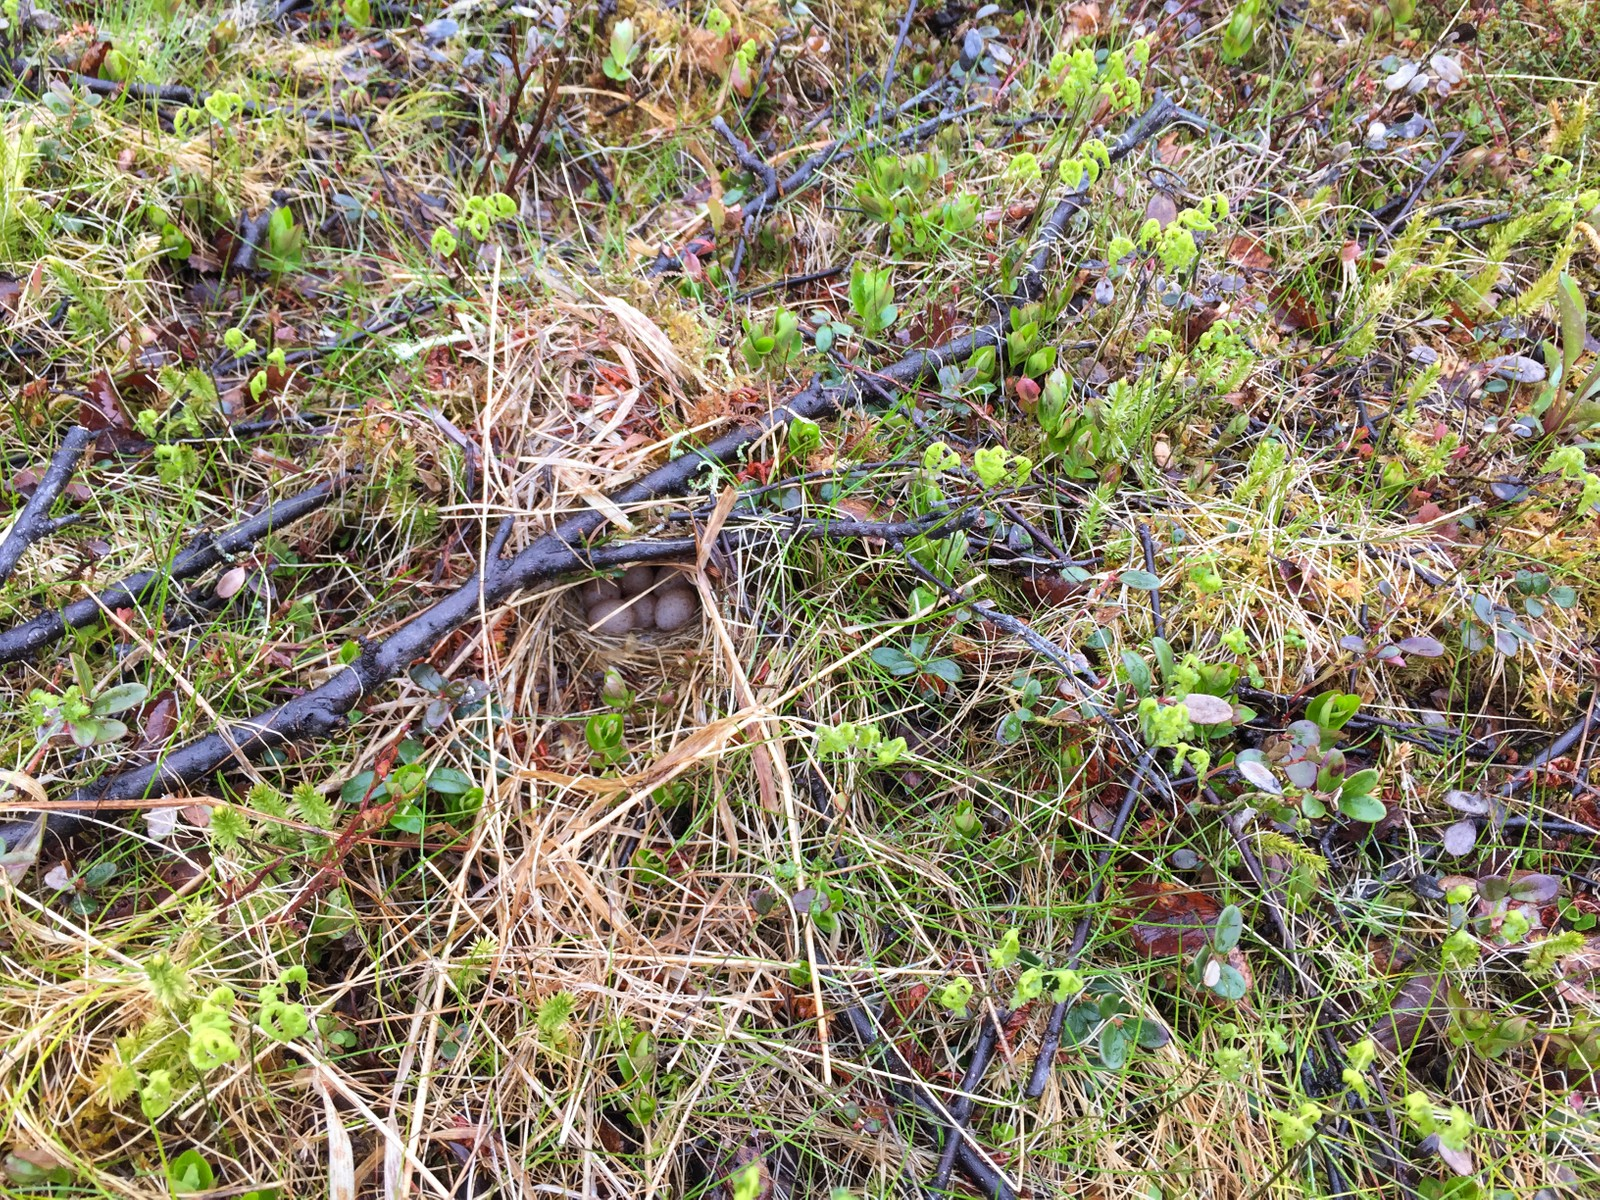 En liten kvist og noen strå er nok til å skjule løvsangerens reir. Hvor langt må du bla i bildeserien før du finner det?